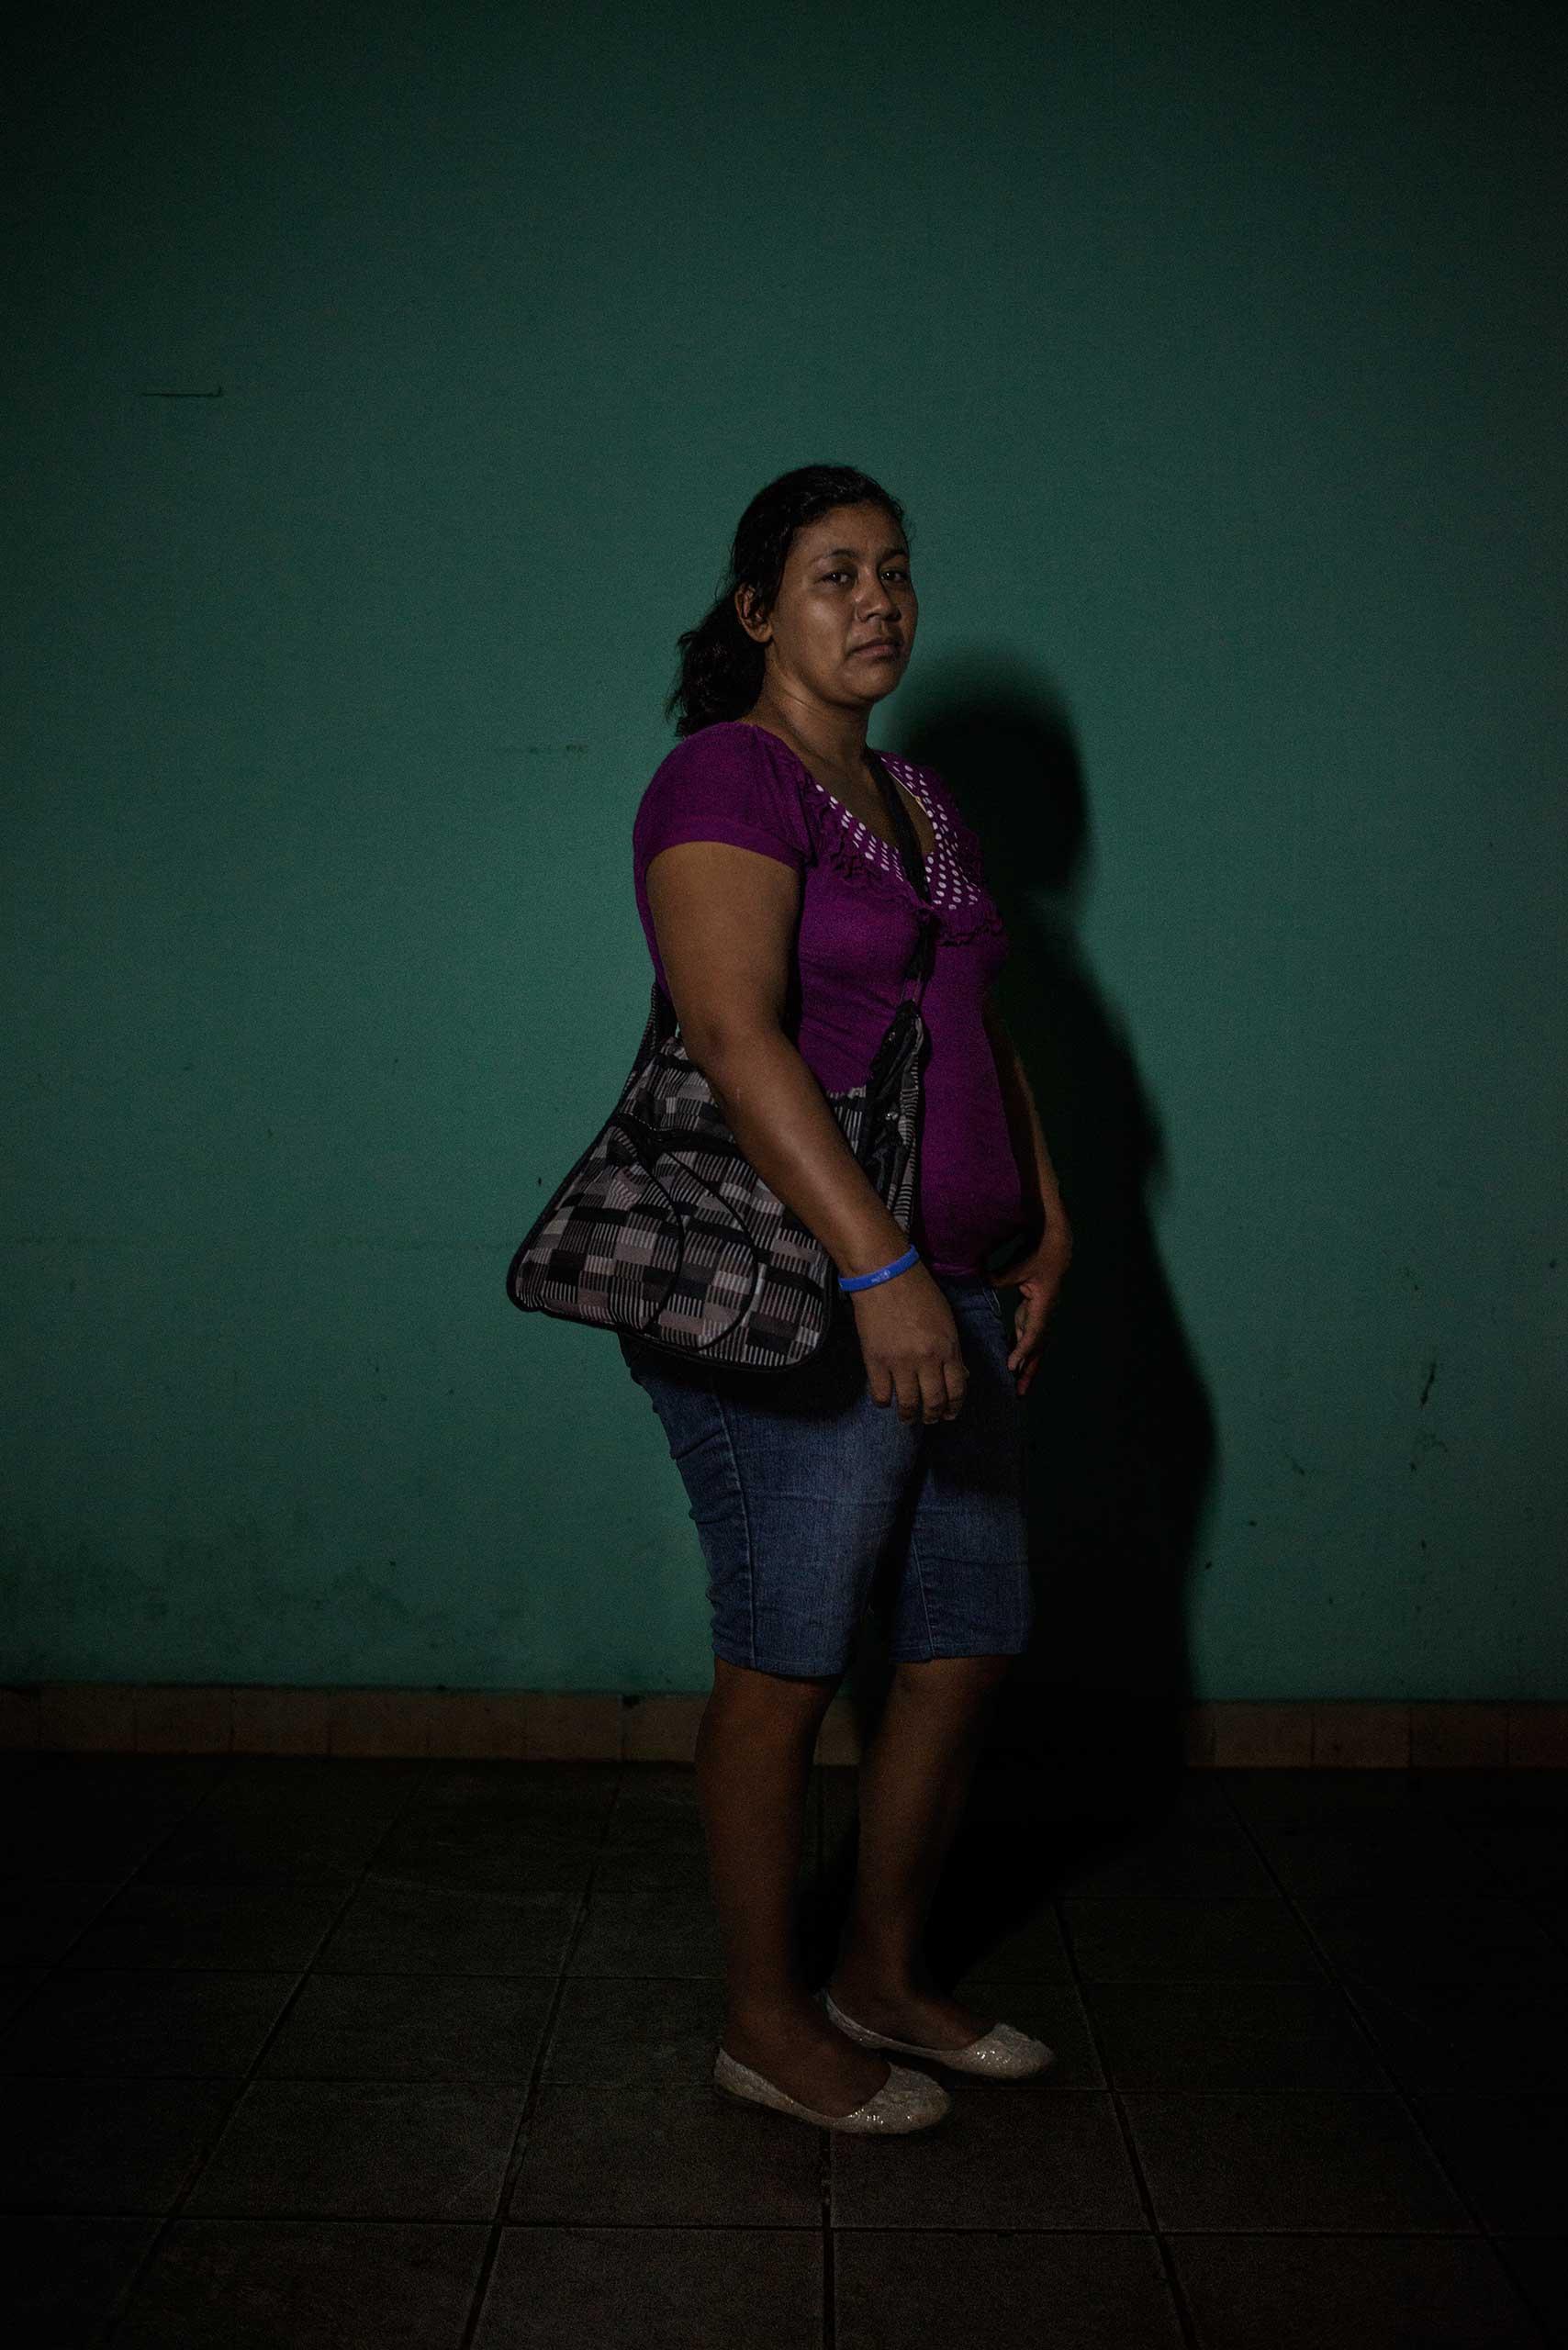 Delmis Helgar, 32, from Honduras.